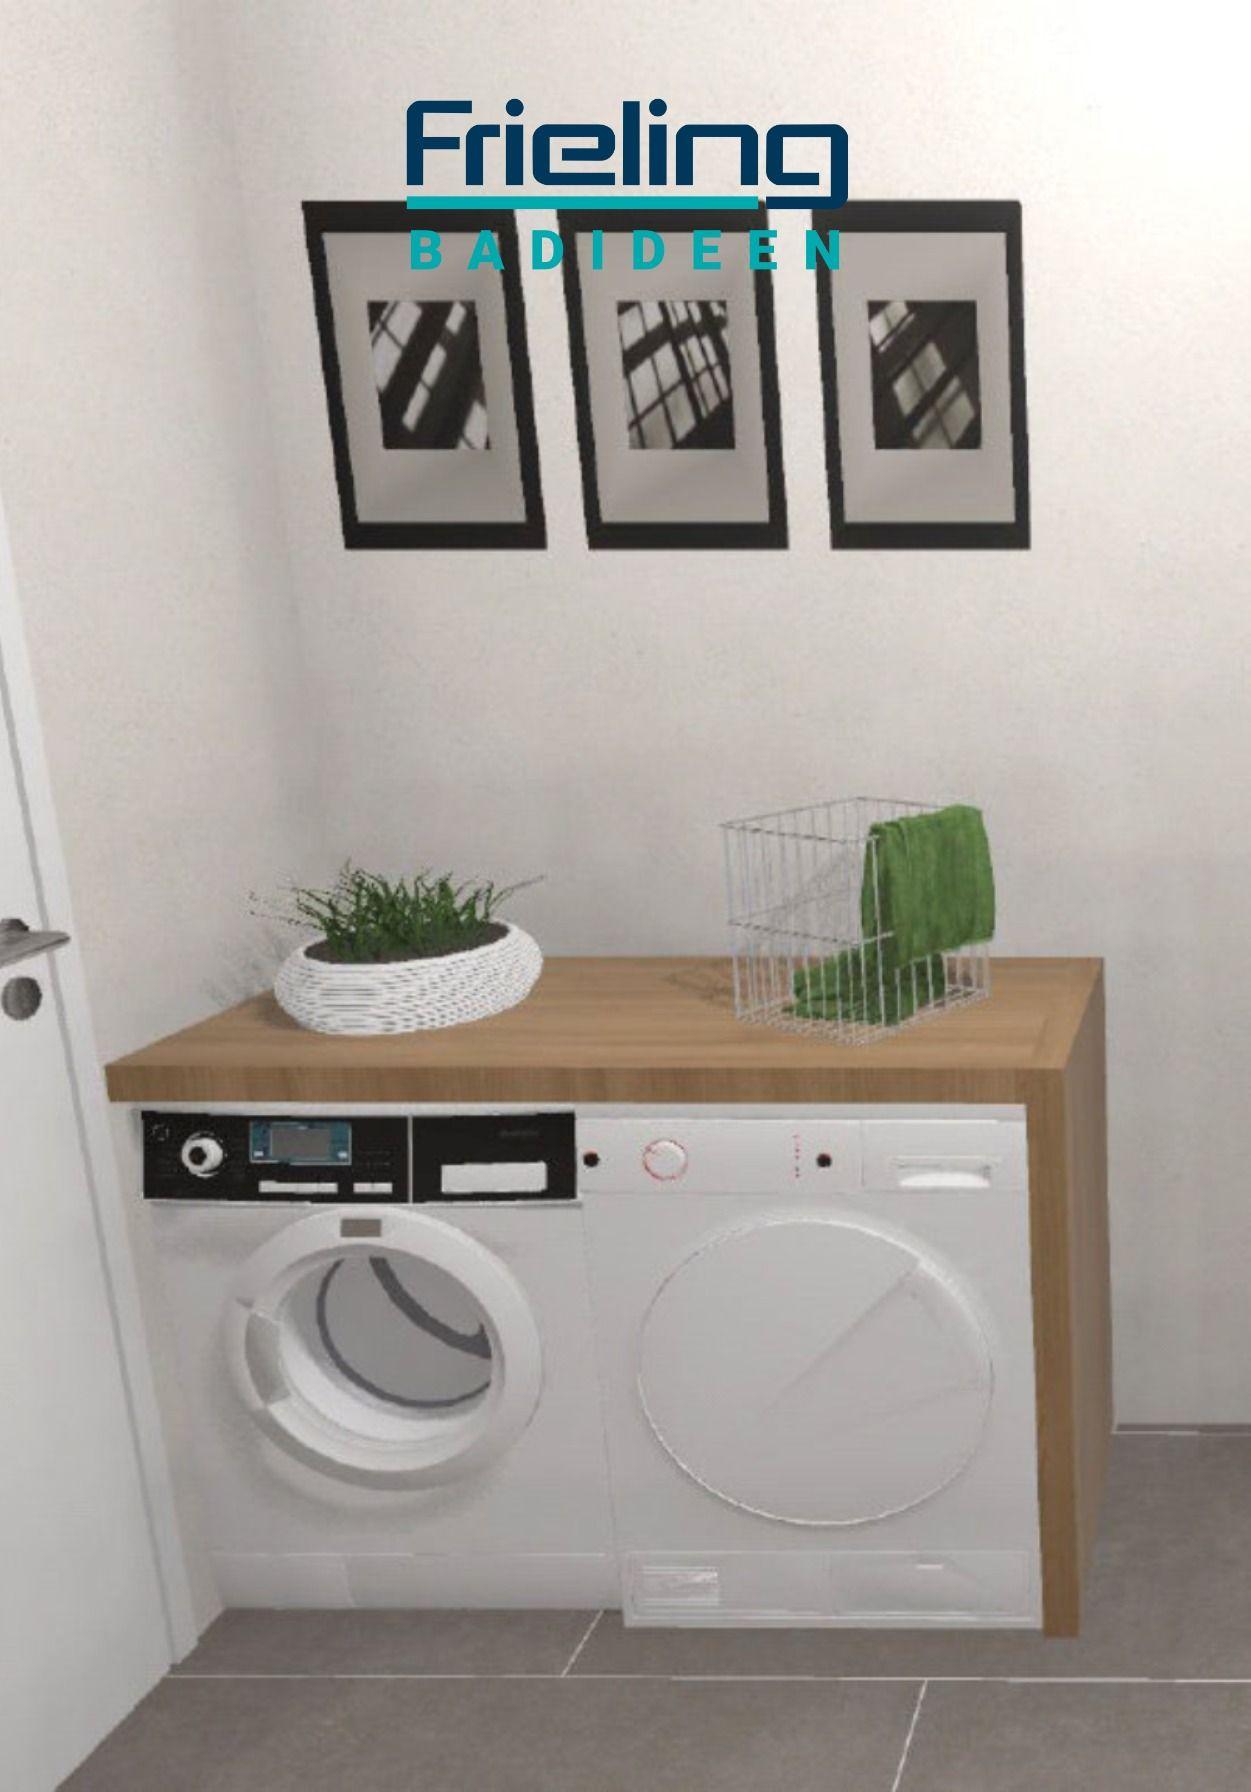 Neben Den Bad Mobeln Im Landlichen Stil Finden Sogar Waschmaschine Und Trockner Unt In 2020 Ebenerdige Dusche Badezimmergestaltung Trockner Auf Waschmaschine